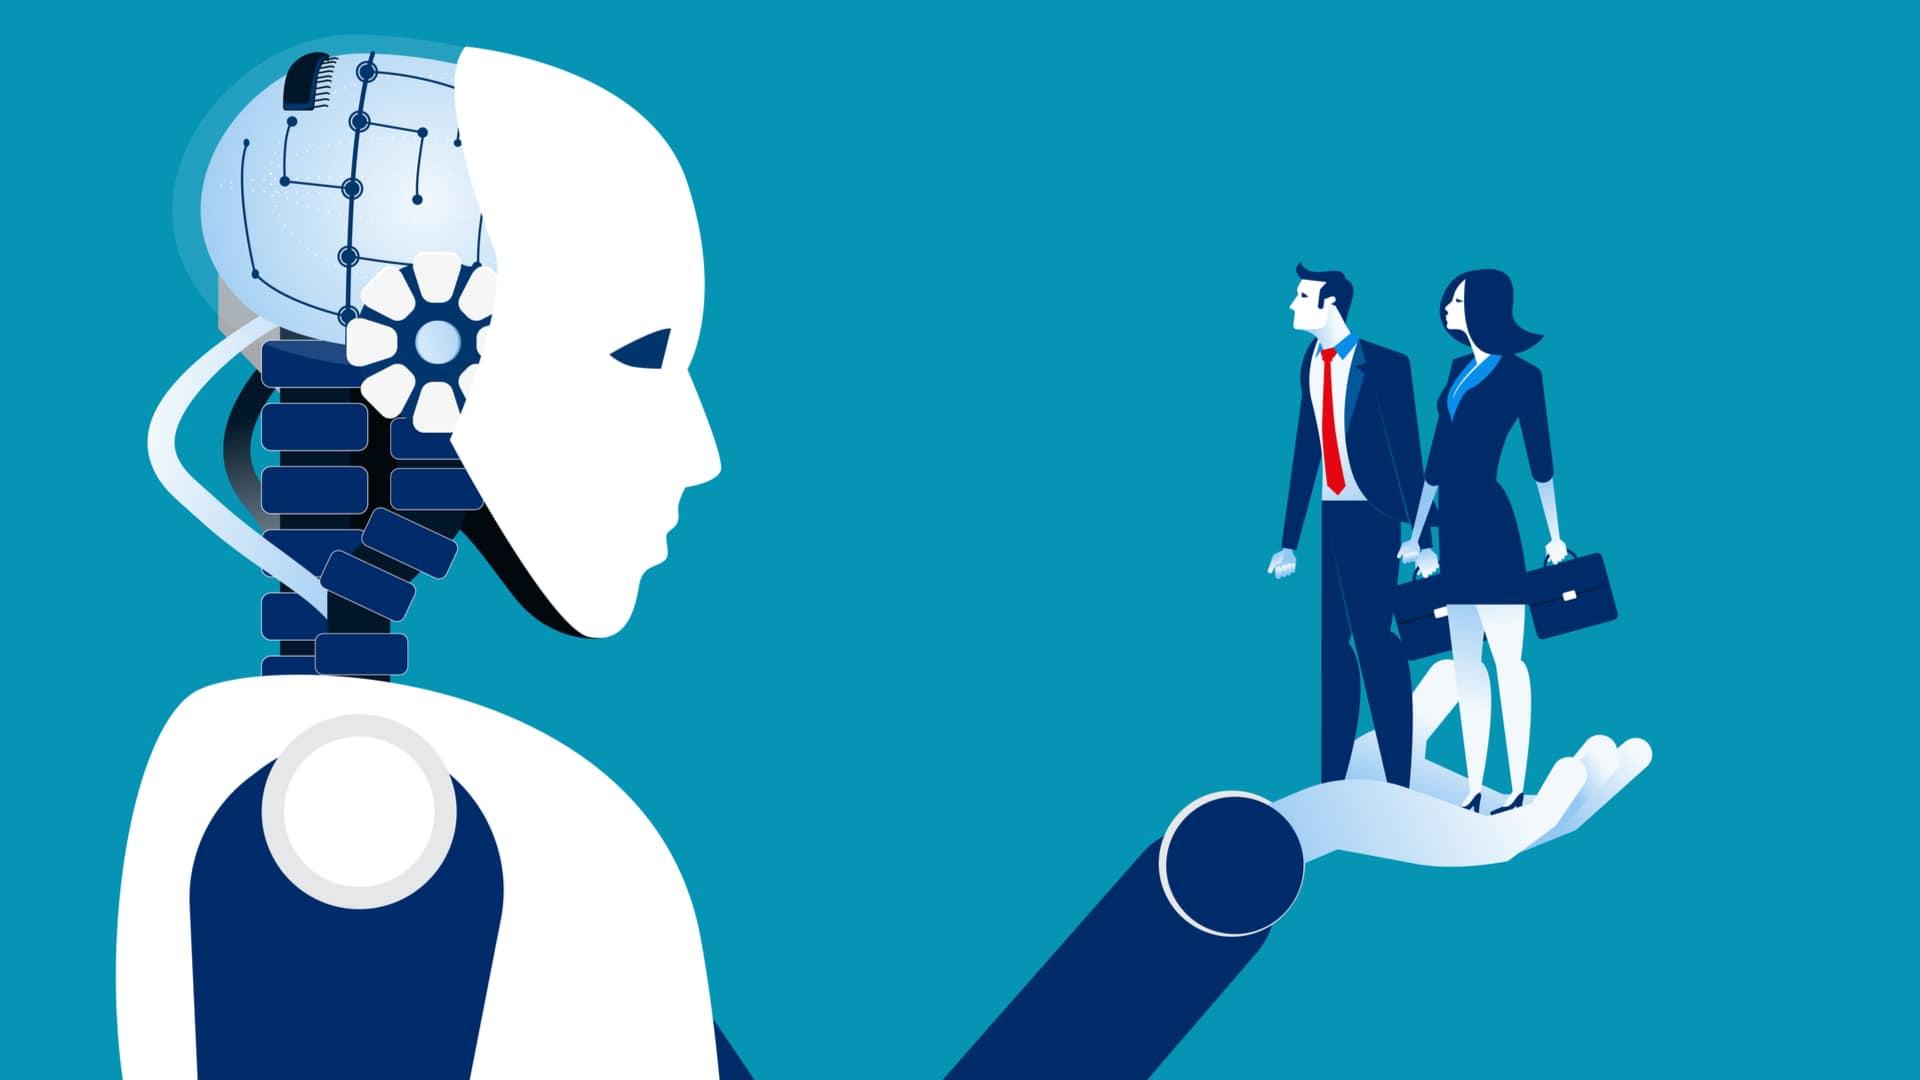 【介護ロボット】6種類に分けて徹底解説!課題や評判